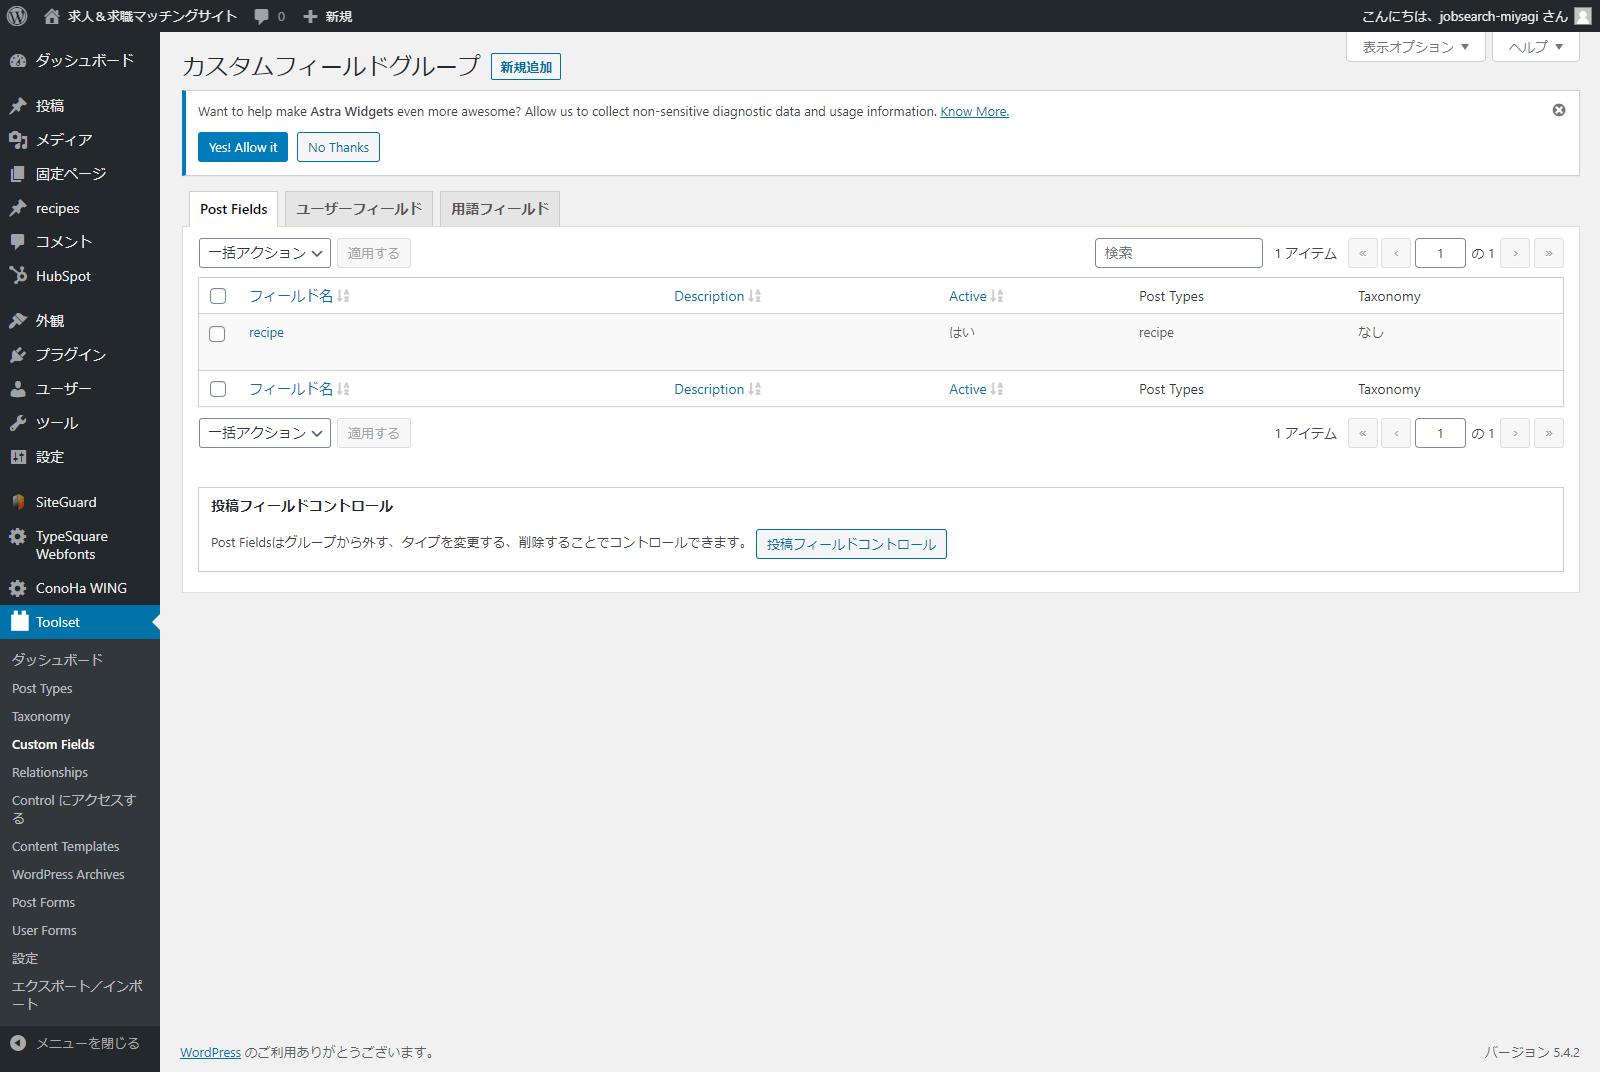 screencapture-jobsearch-miyagi-wp-admin-admin-php-2020-06-23-21_24_04.png